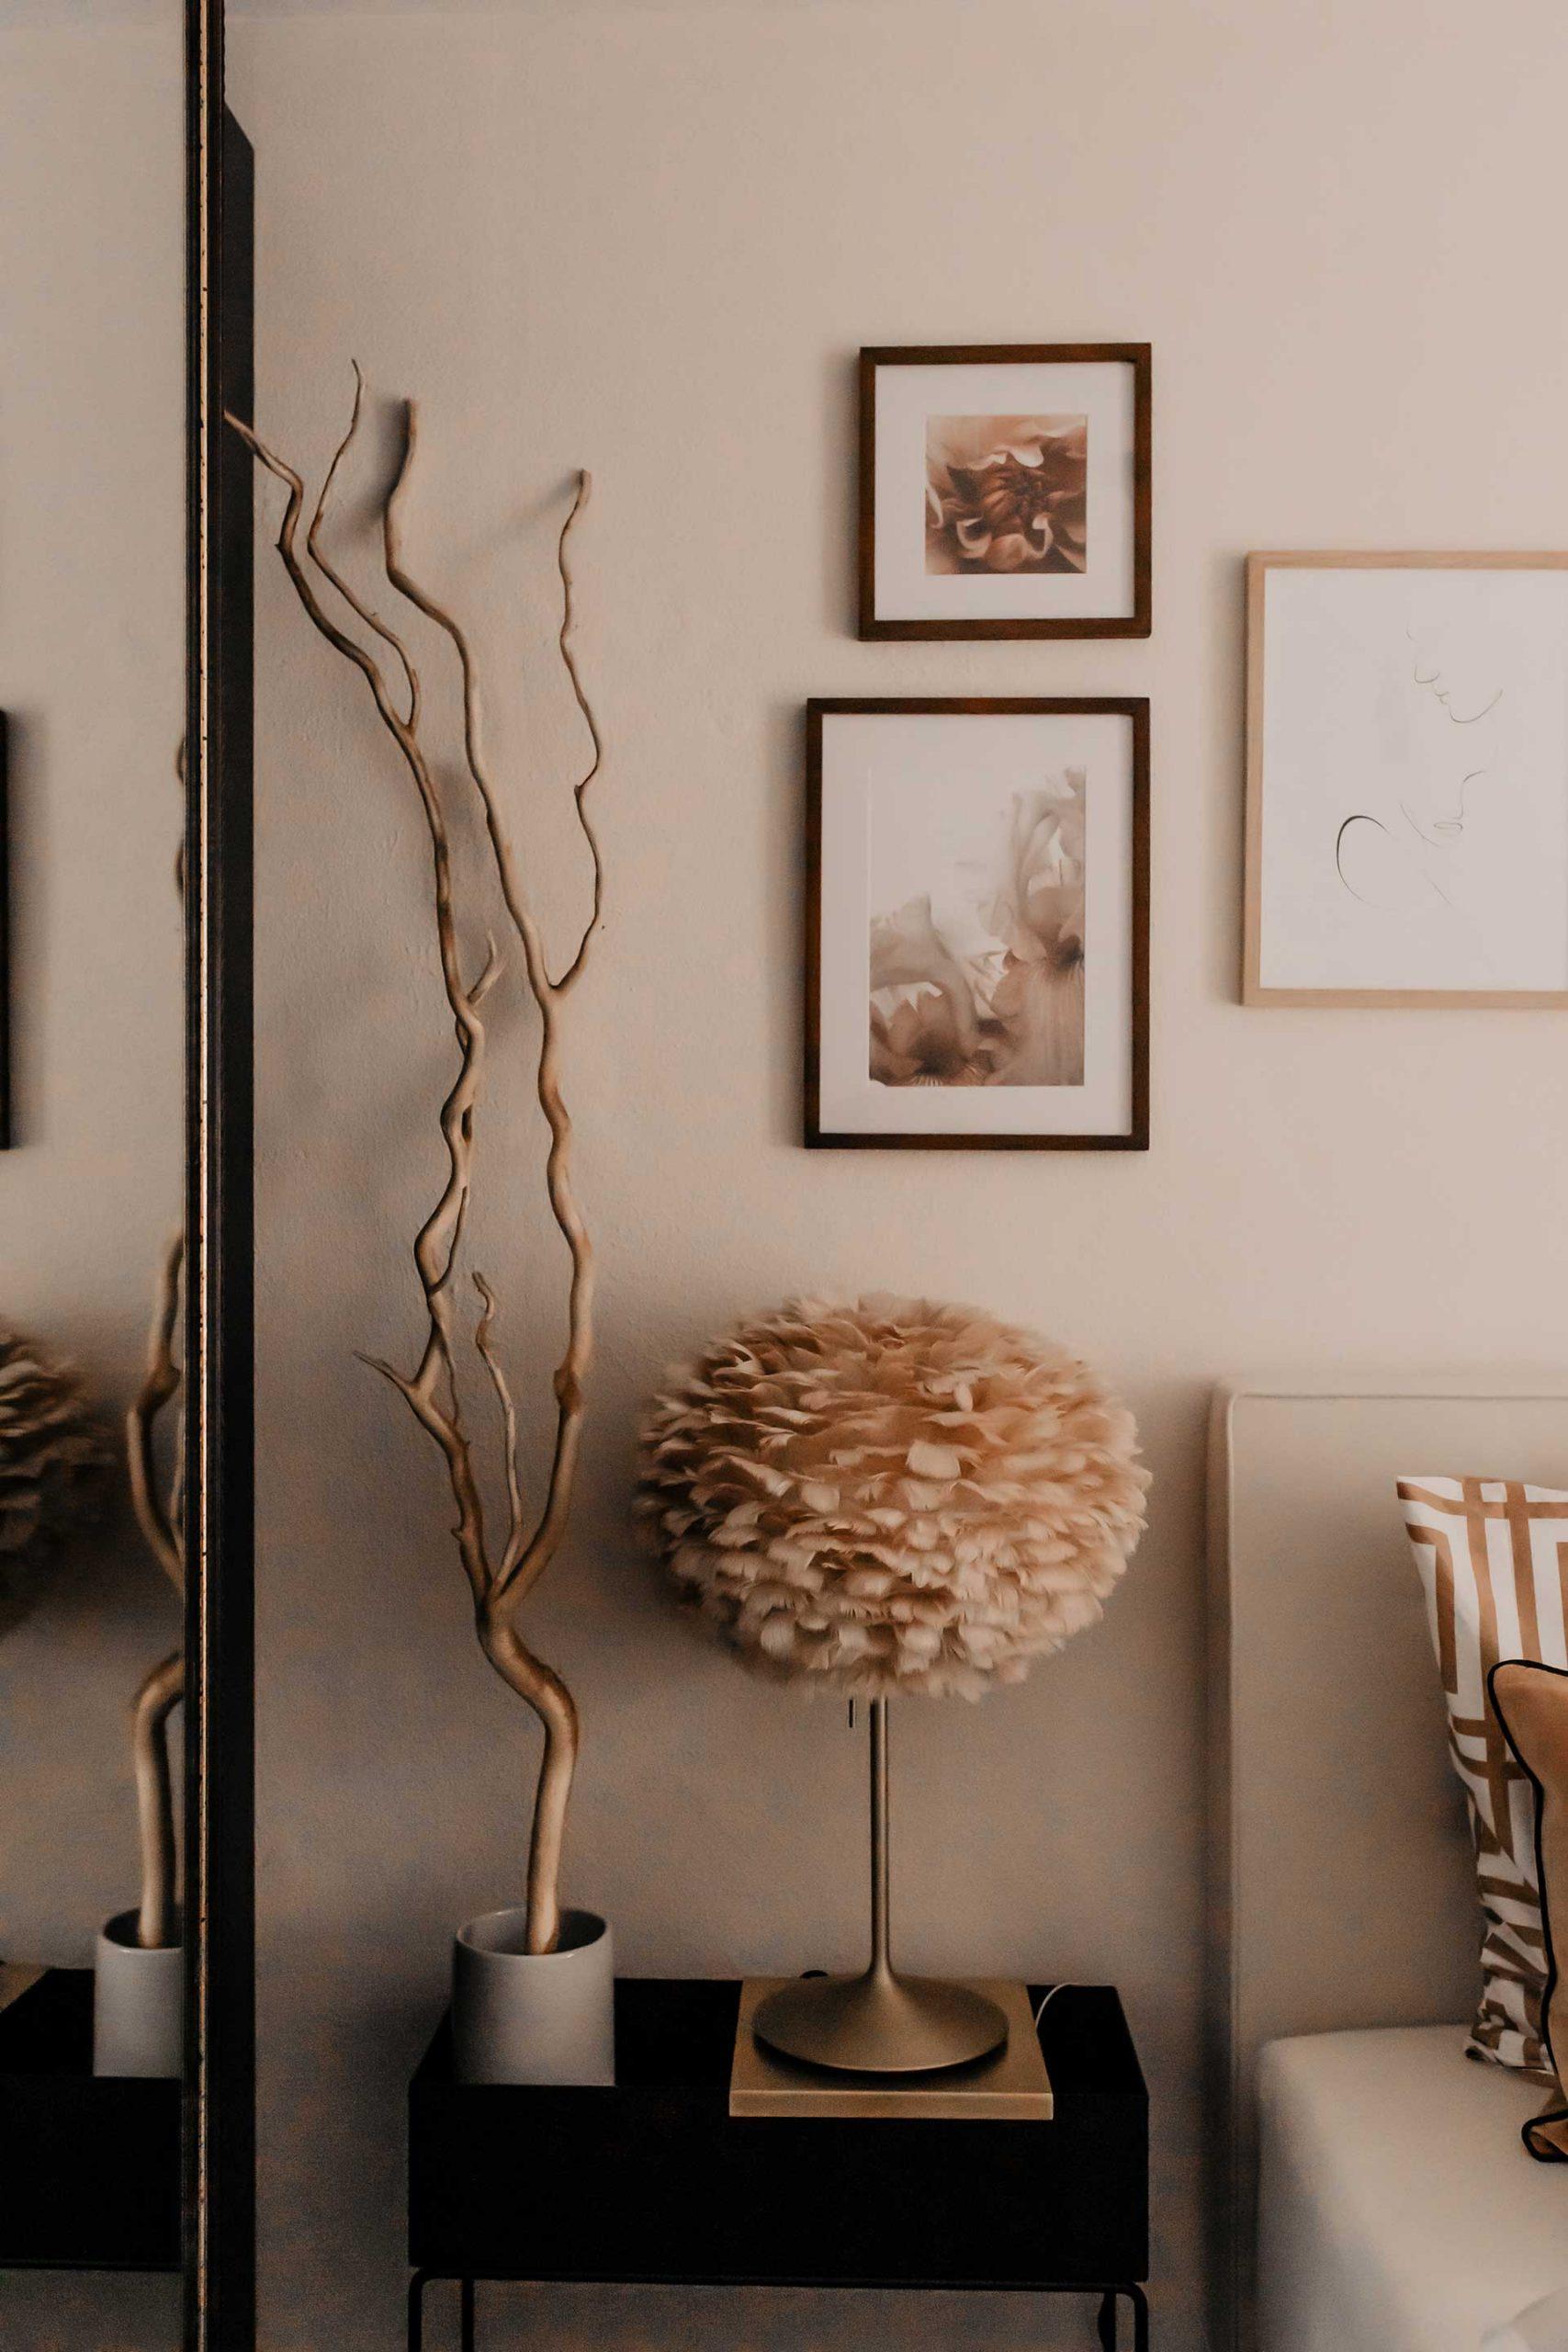 Produktplatzierung. Auf meinem Interior Blog verrate ich dir meine 7 Tipps für ein gemütliches Schlafzimmer. Uns war es besonders wichtig, ein gemütliches und zugleich modernes Schlafzimmer zu gestalten. Es sollte ein Wohlfühlraum werden, in dem man entspannen und abschalten kann und ich finde, das ist uns sehr gut gelungen. www.whoismocca.com #schlafzimmer #interiorblogger